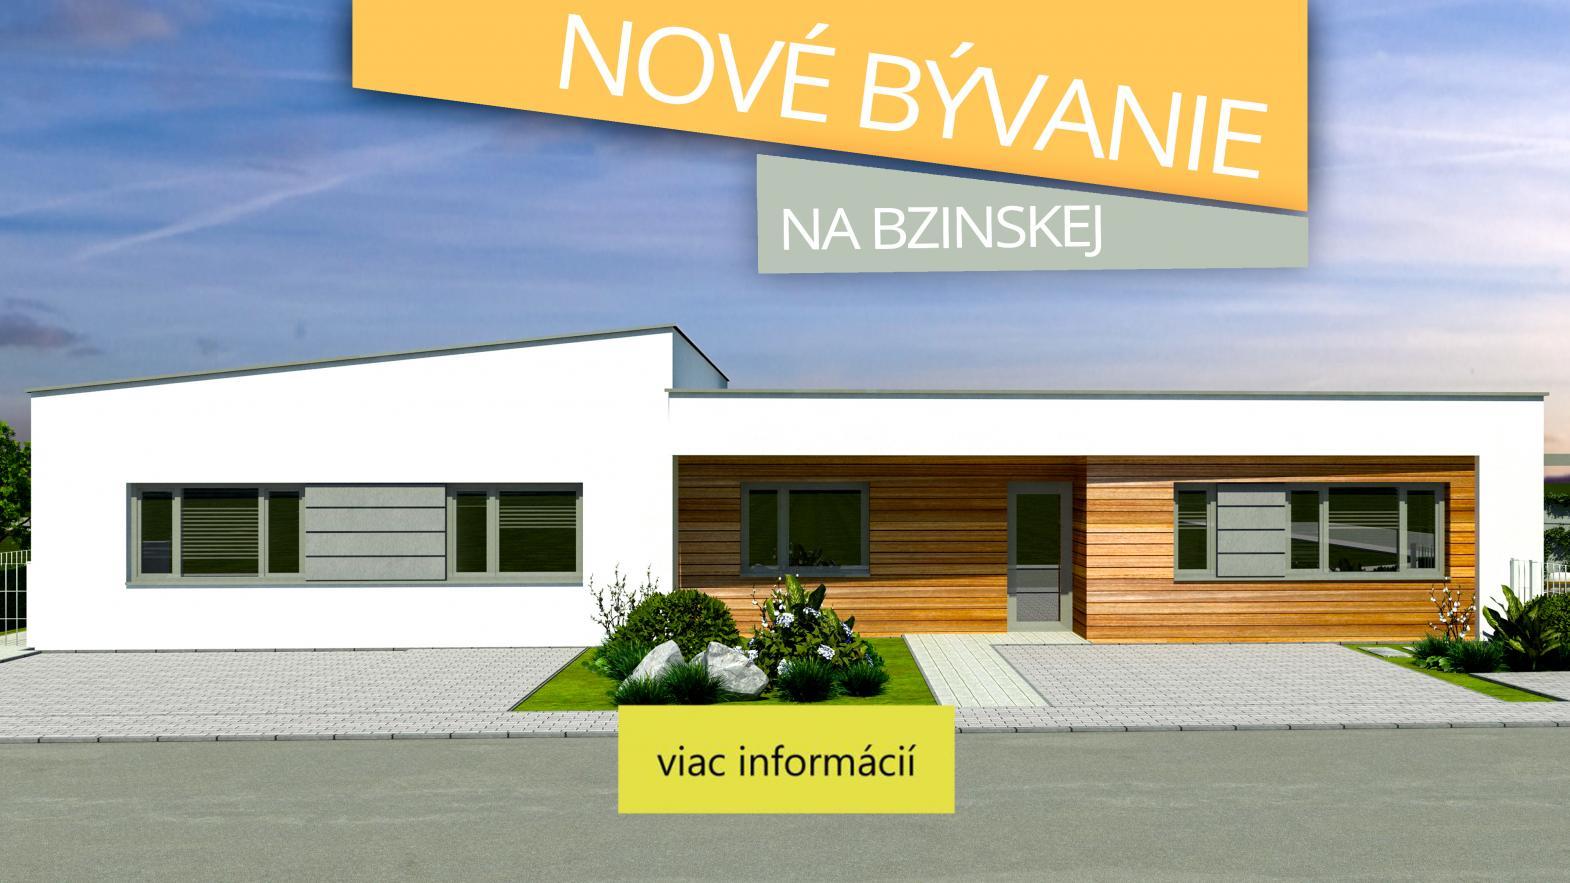 Bývajte v novom, bývajte na Bzinskej!